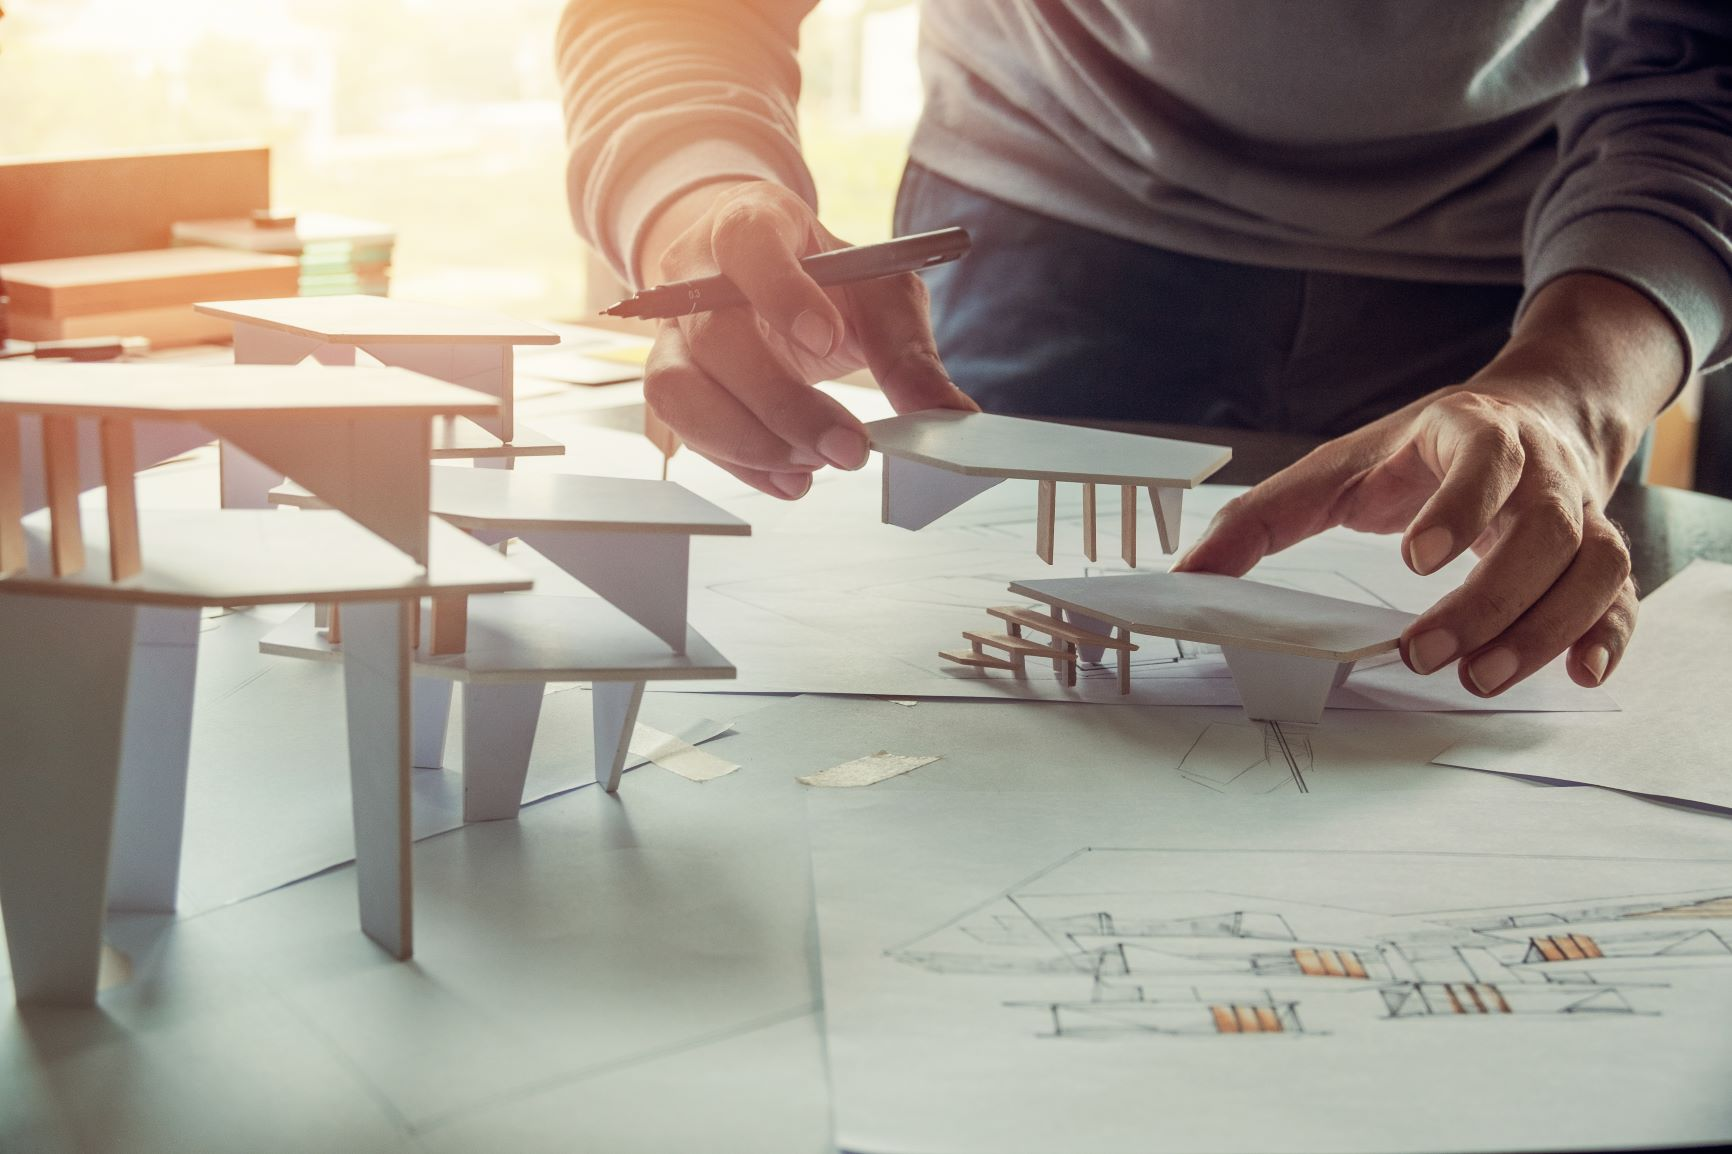 Architekturmodell wird vermessen und aufgebaut